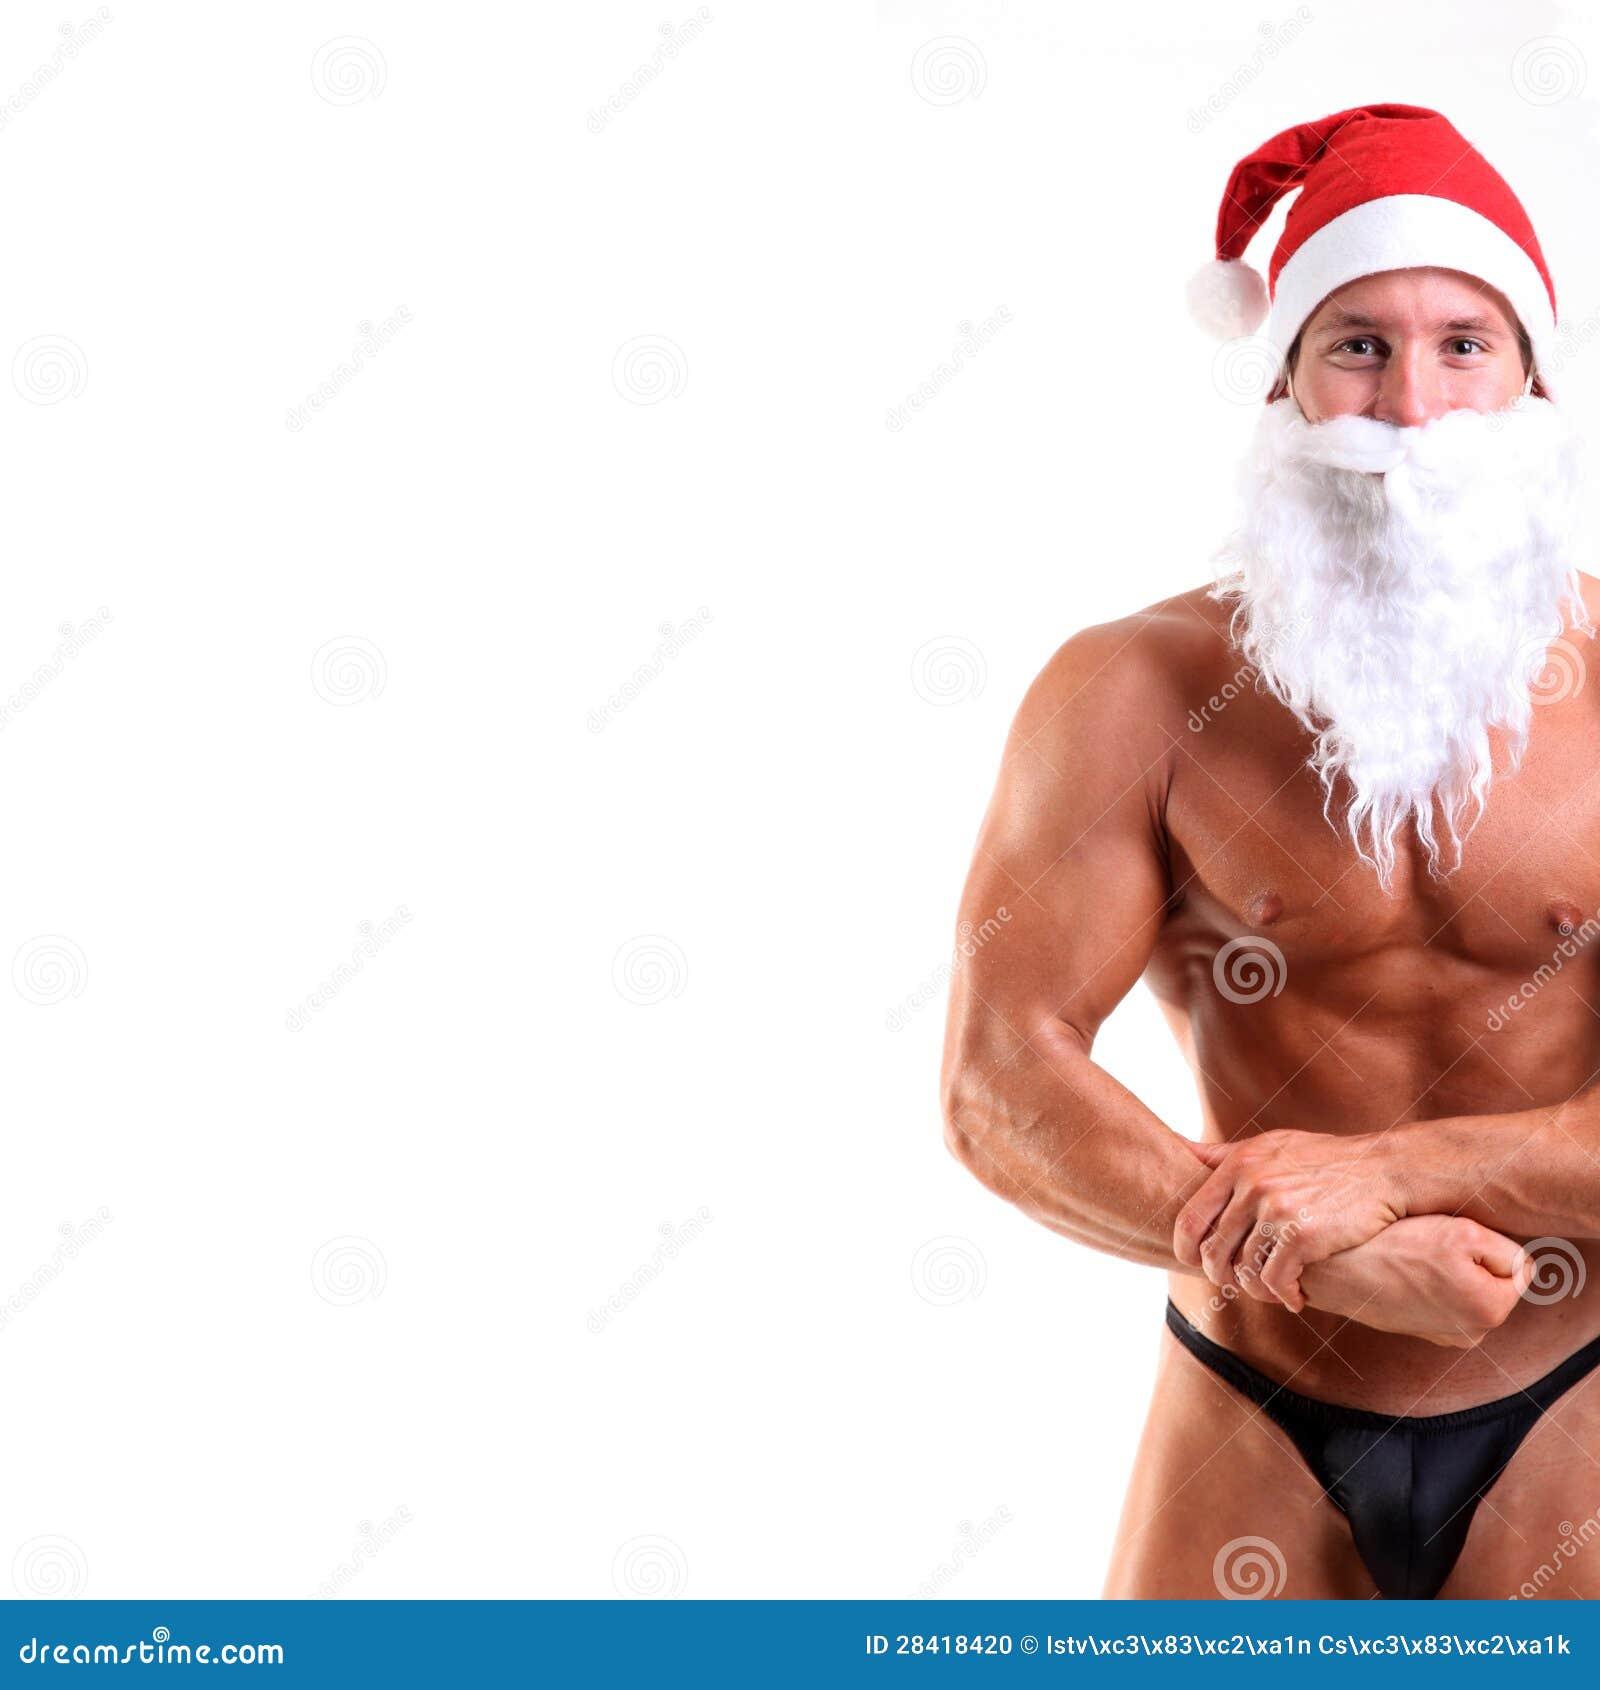 Bodybuilder Santa - Viewing Gallery